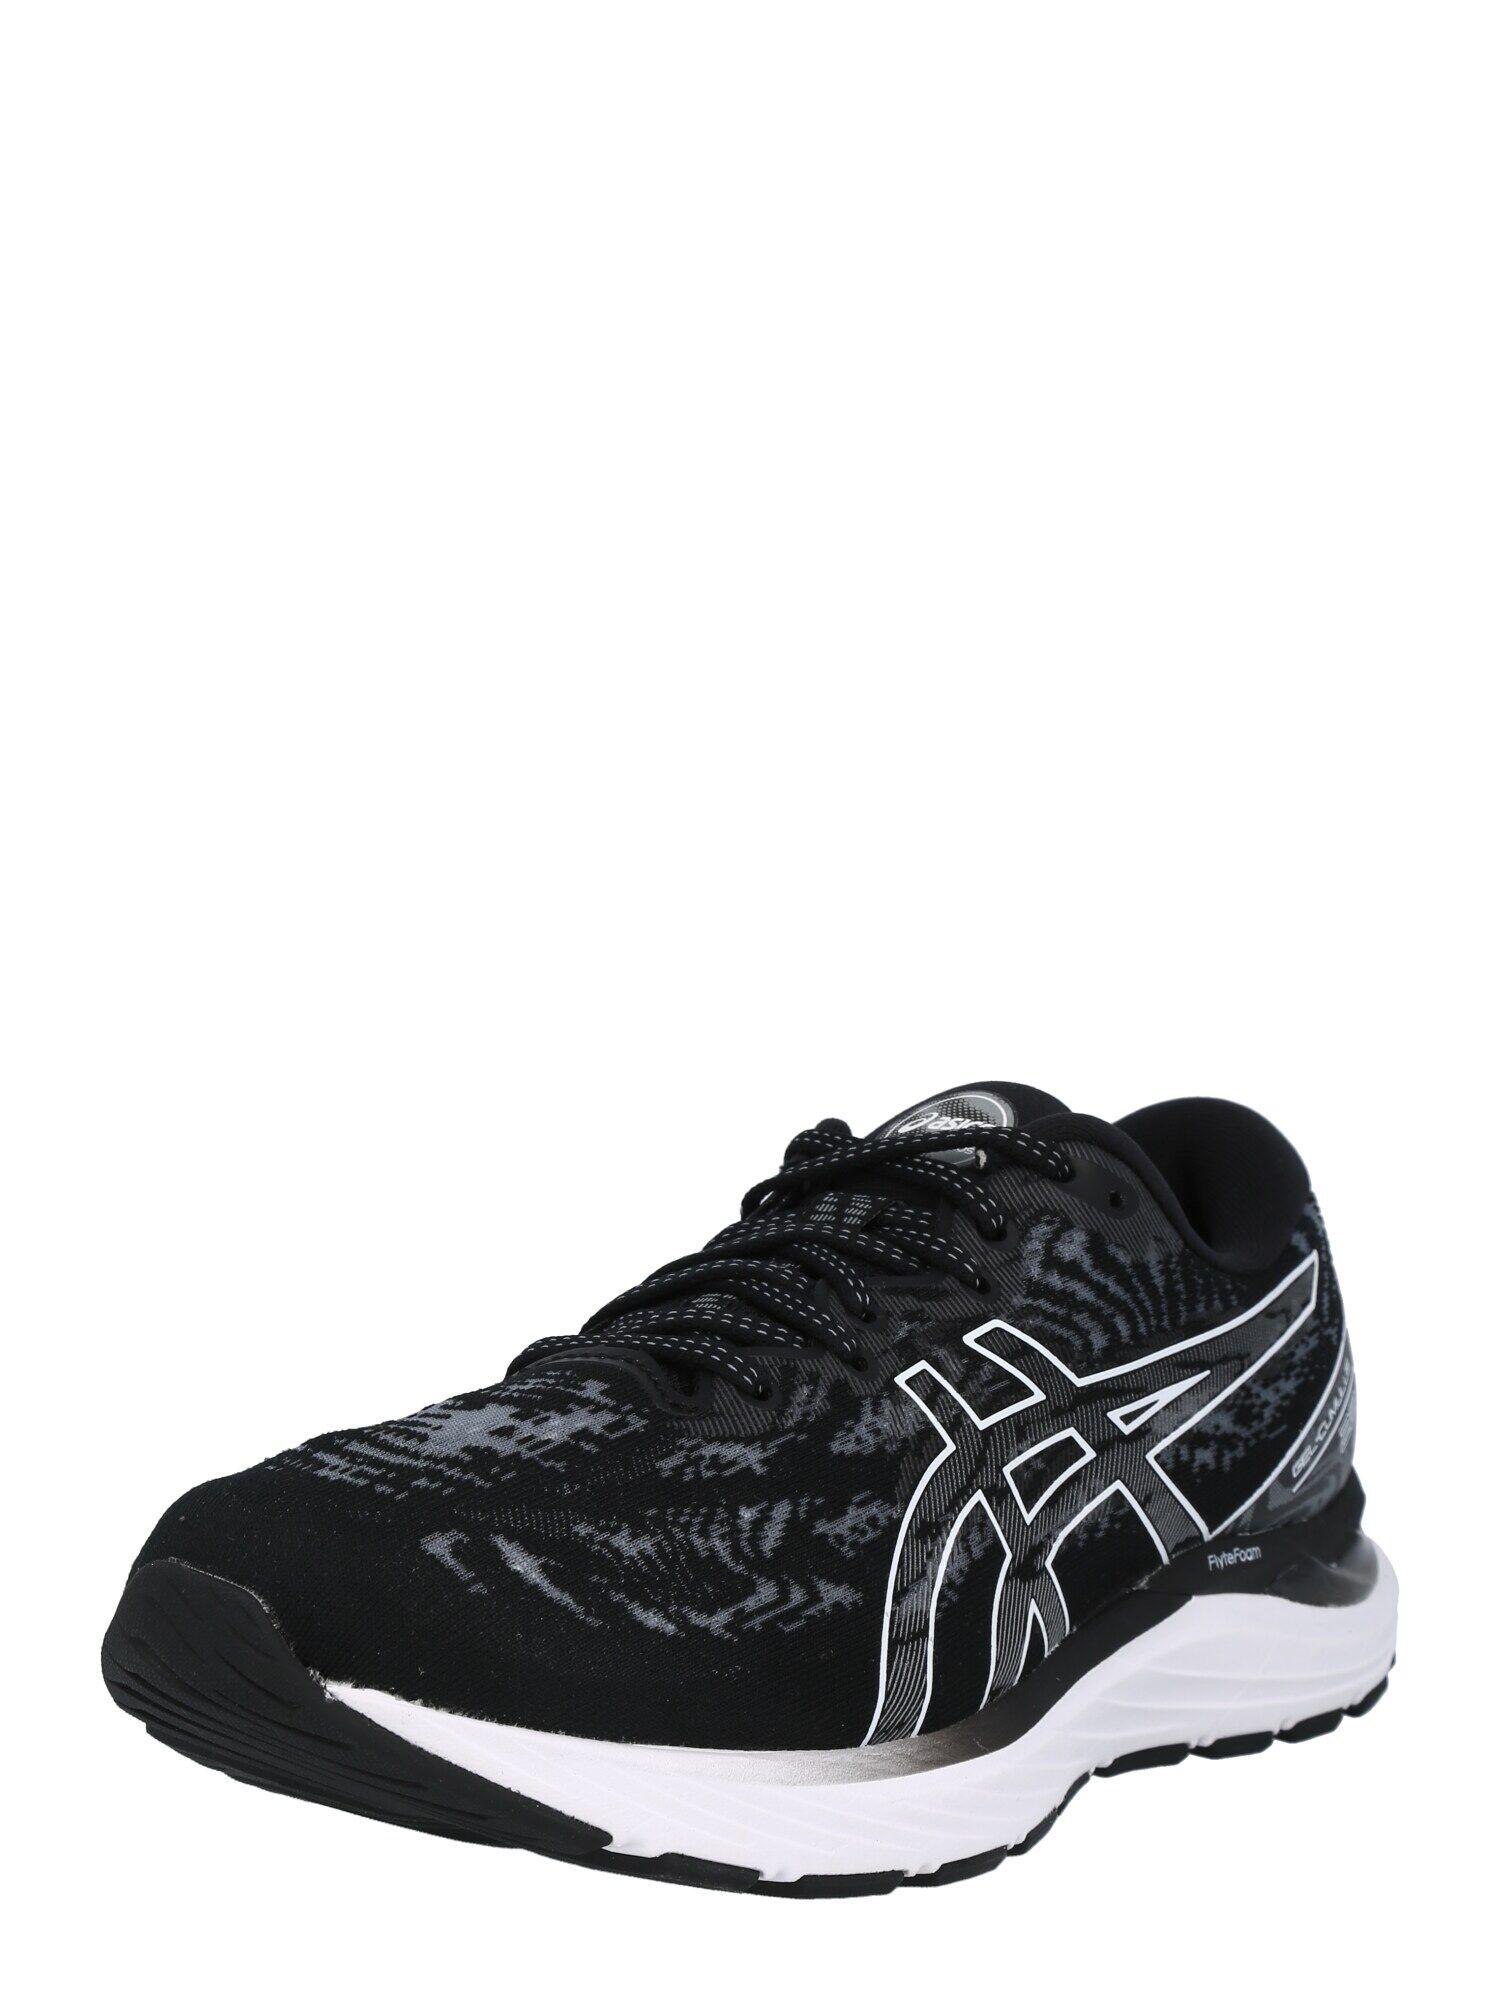 Asics Chaussure de course  - Noir - Taille: 42.5 - male